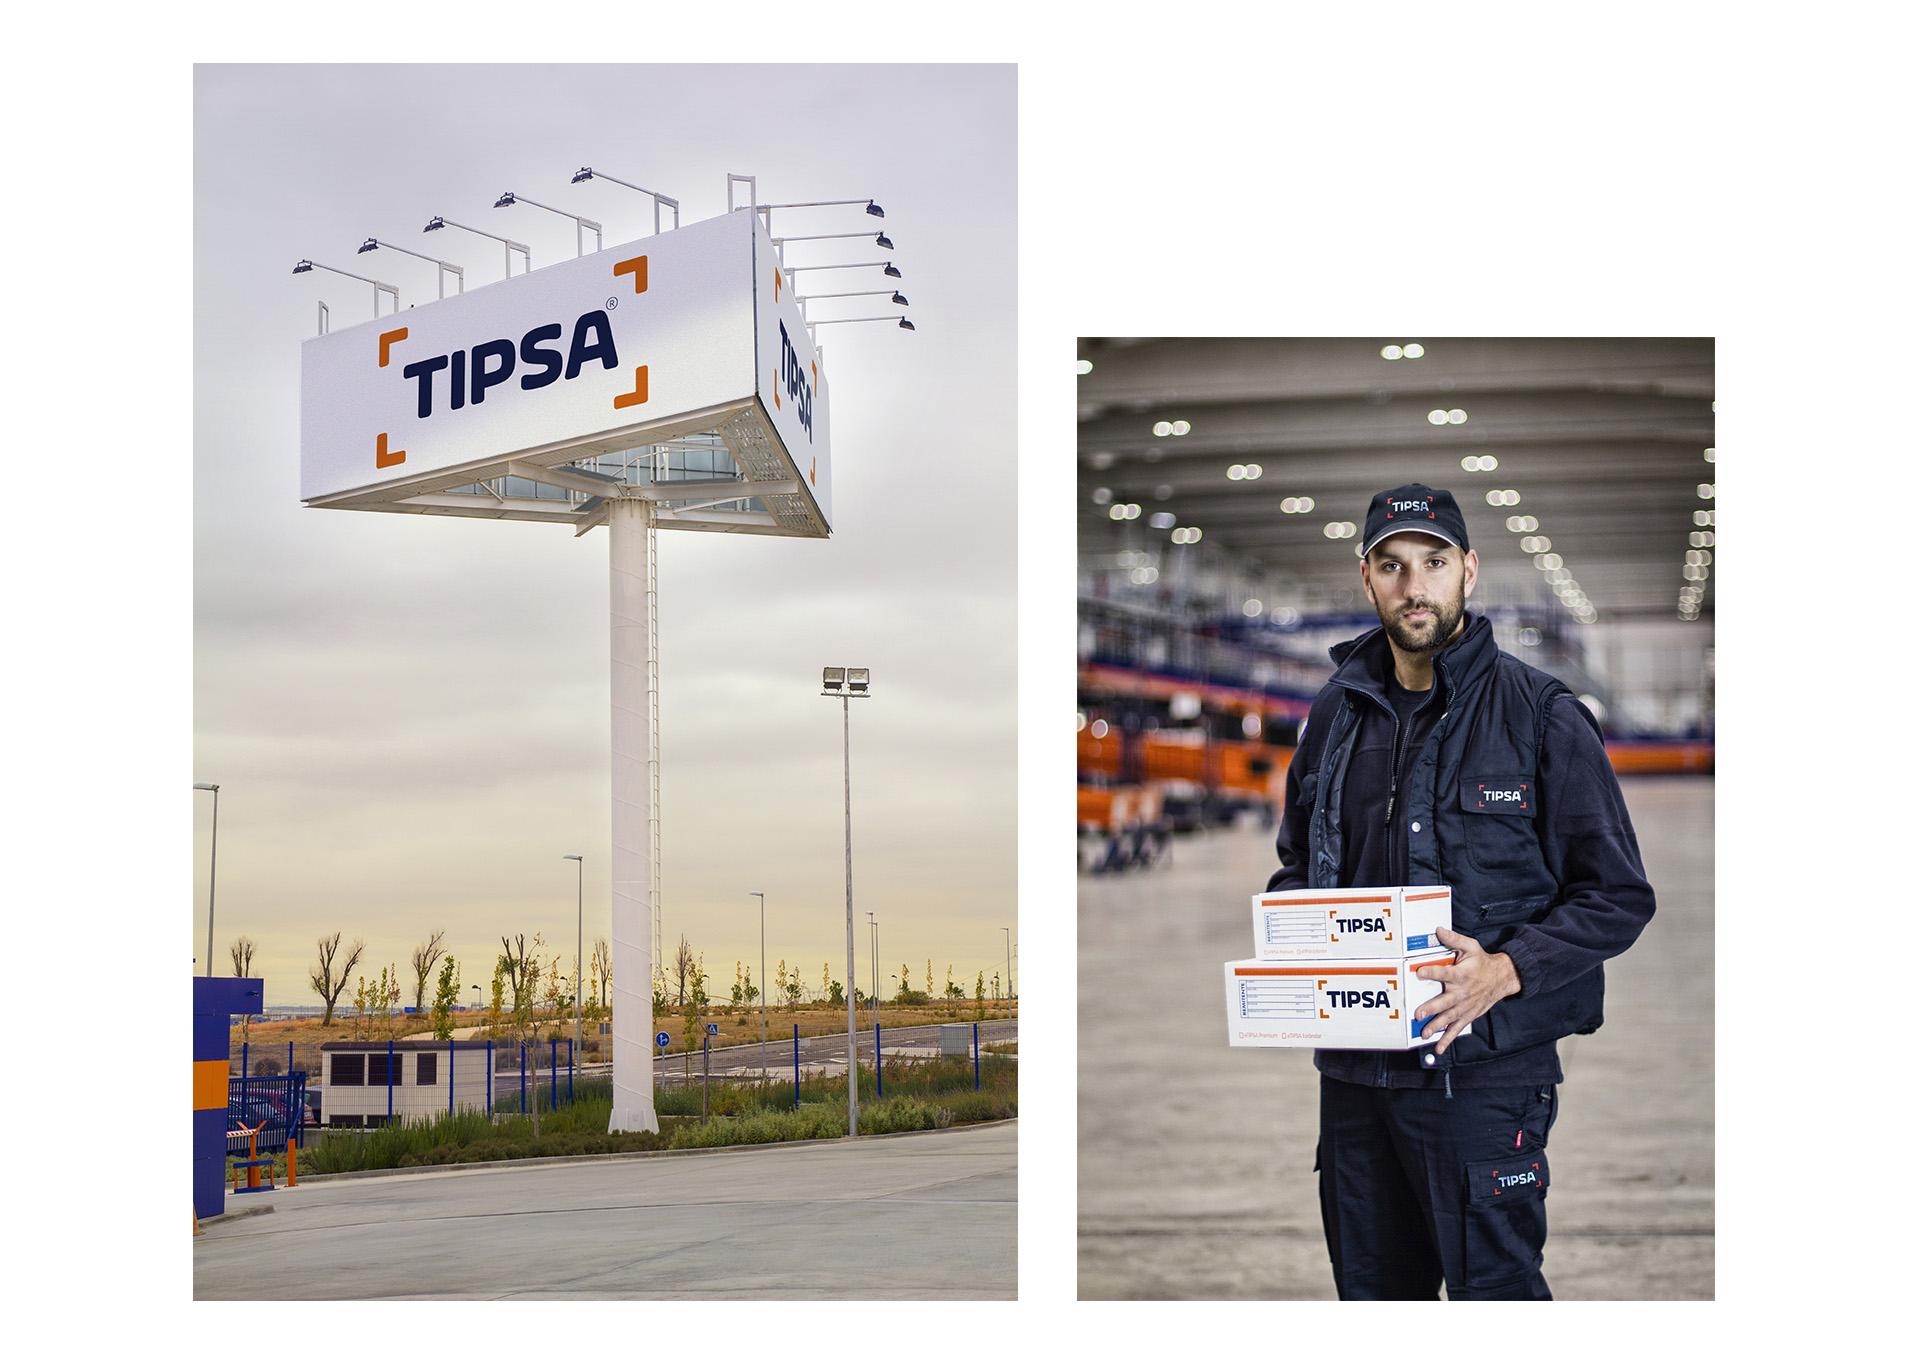 Transporte mensajeria y paqueteria urgente TIPSA